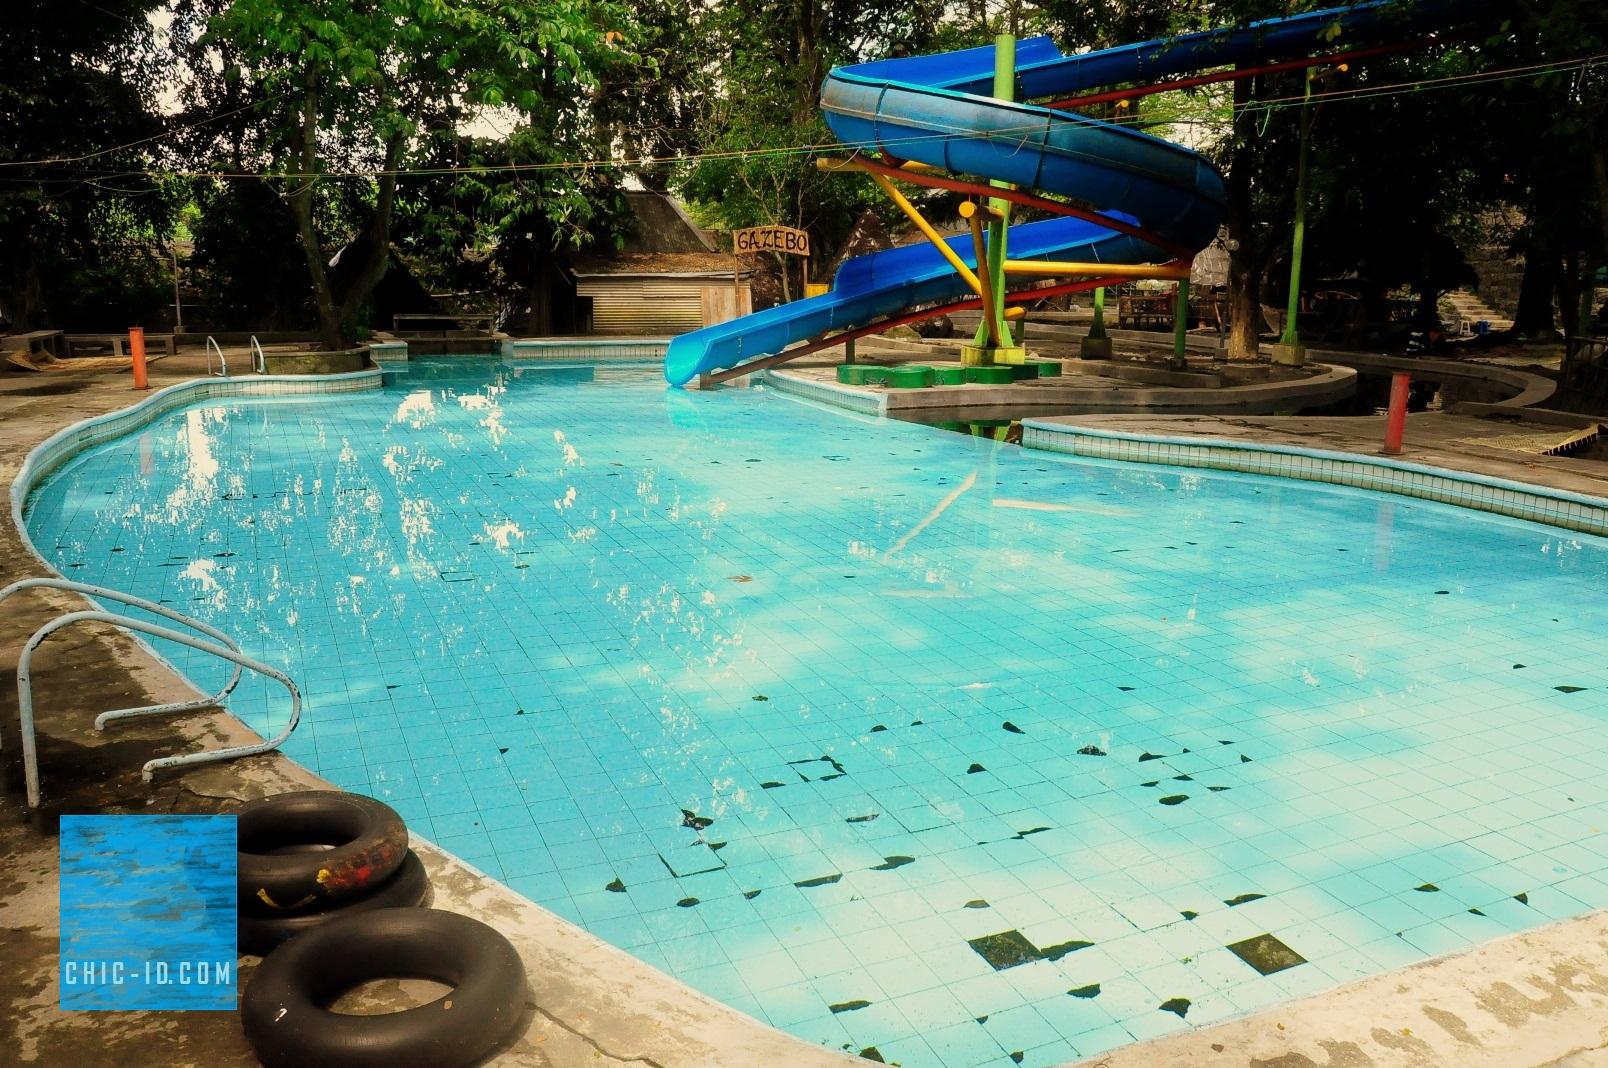 Dedi Obyek Wisata Mata Air Cokro Tulung Water Boom Kawasan